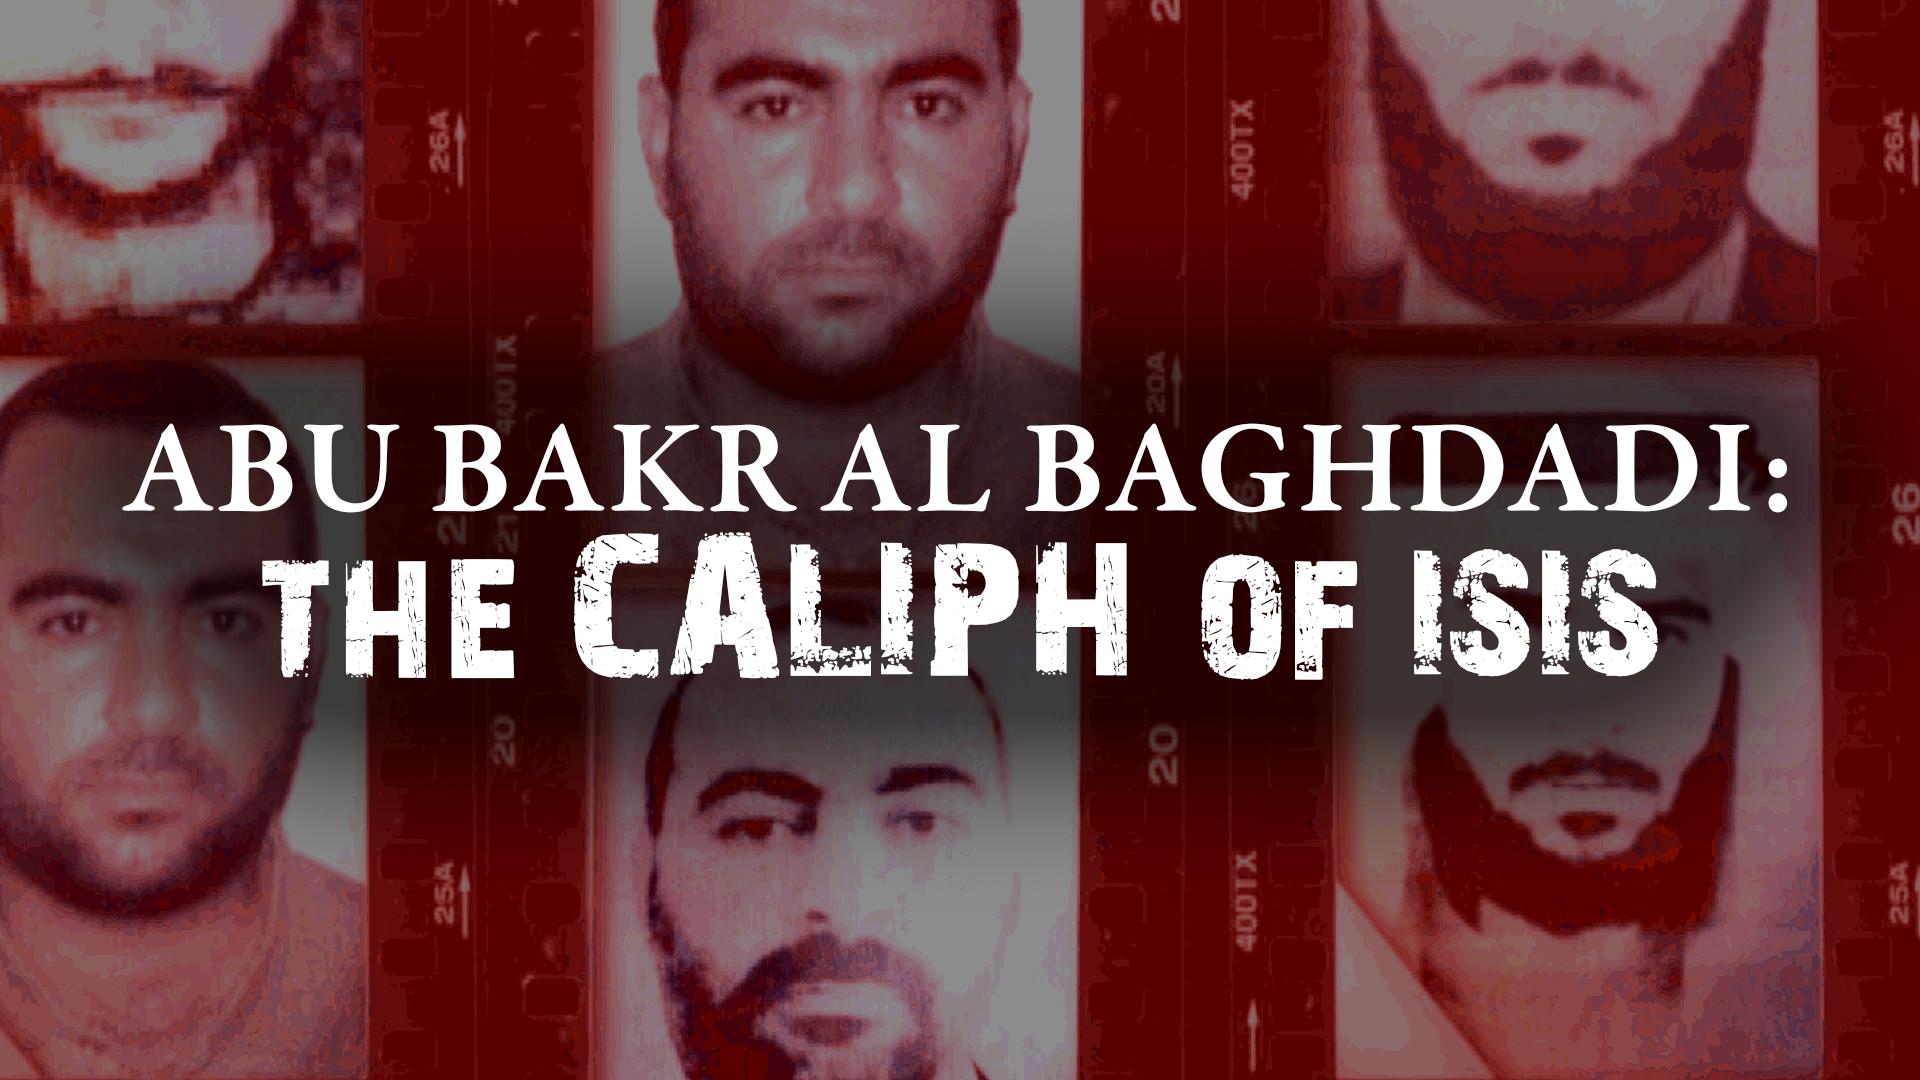 Abu Bakr Al Baghdadi: The Caliph of ISIS